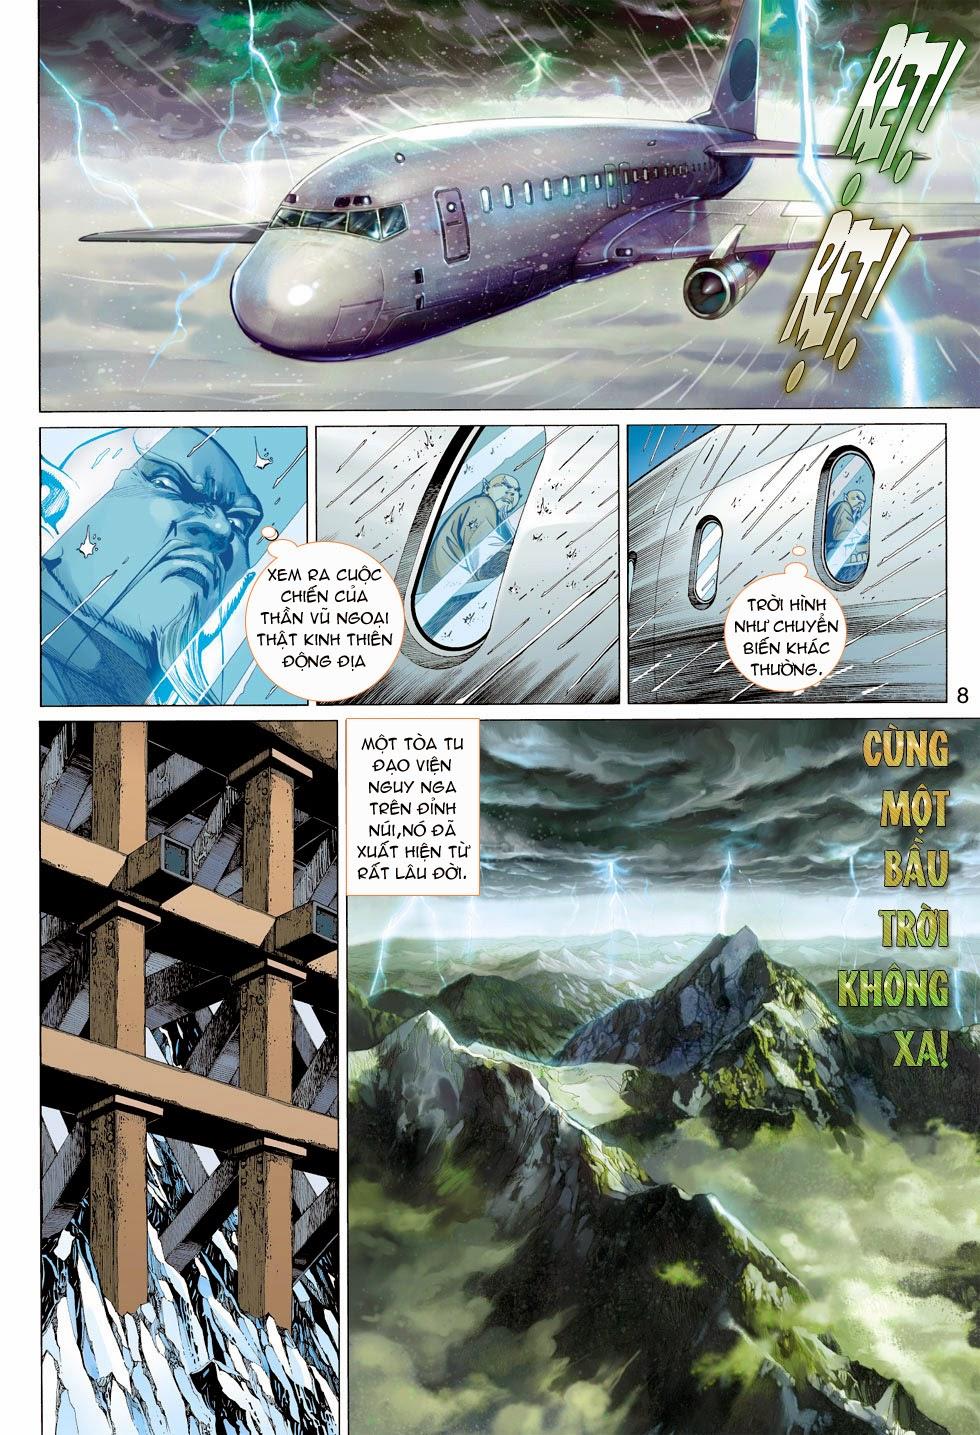 Thần Binh 4 chap 26 - Trang 9